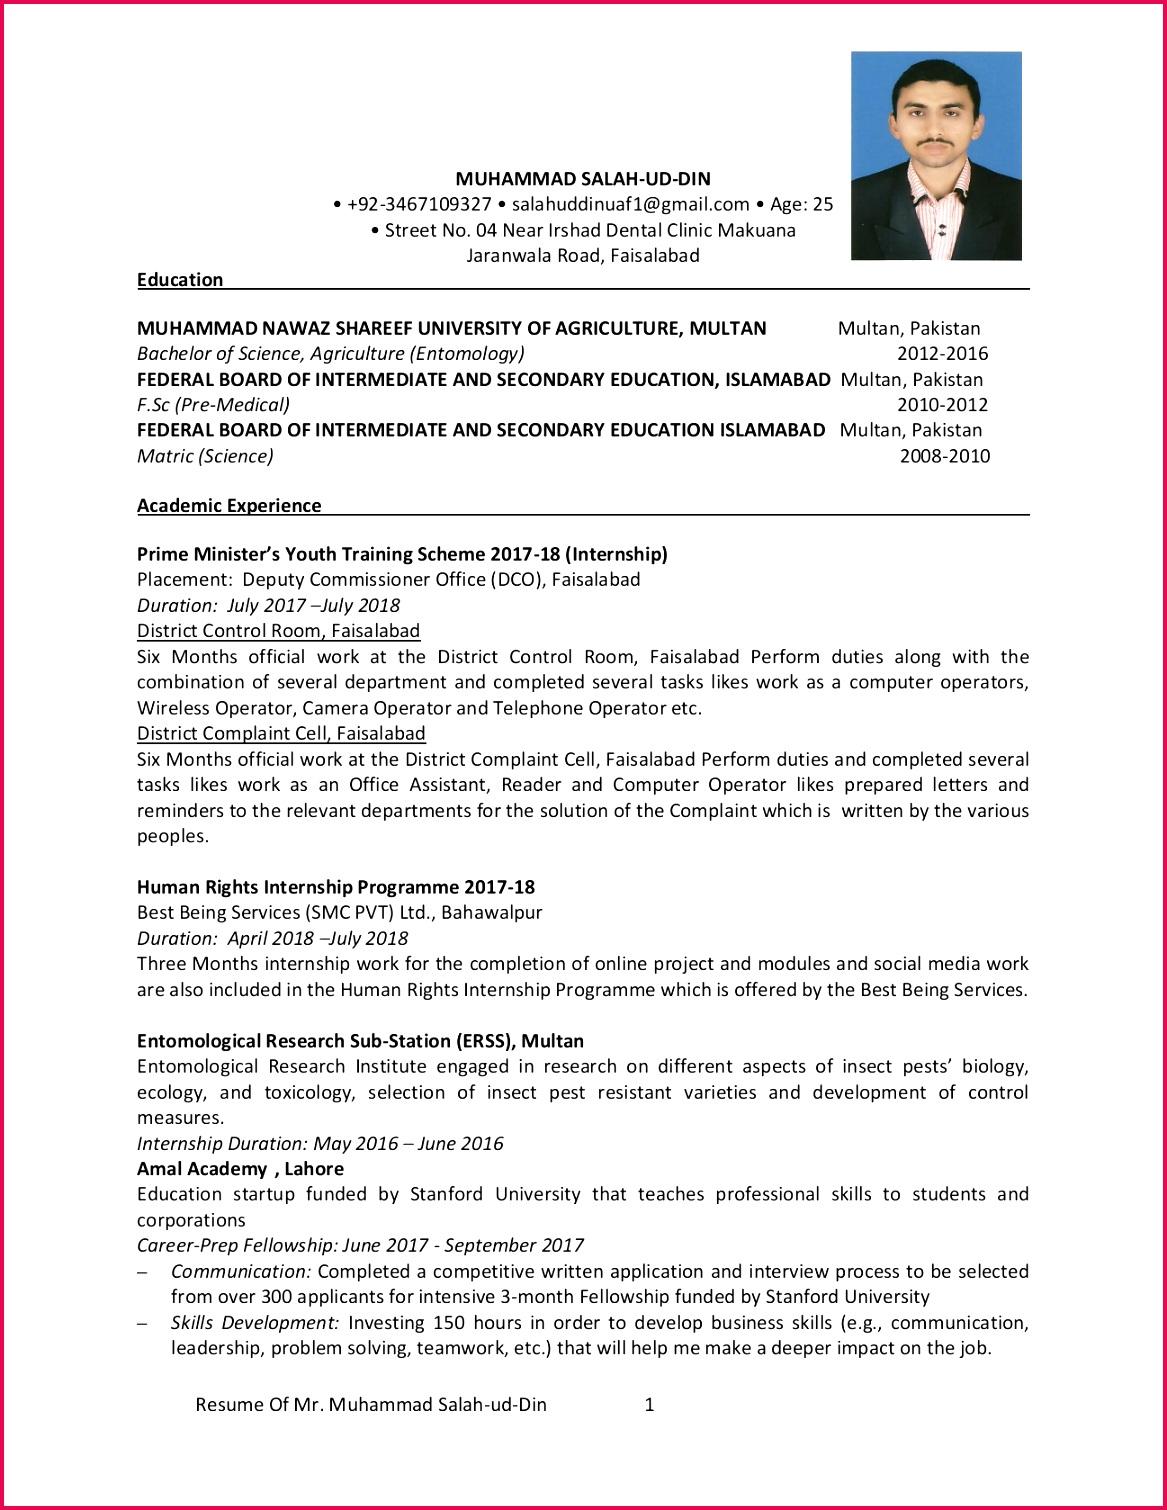 Resume Mr Muhammad Salah ud Din